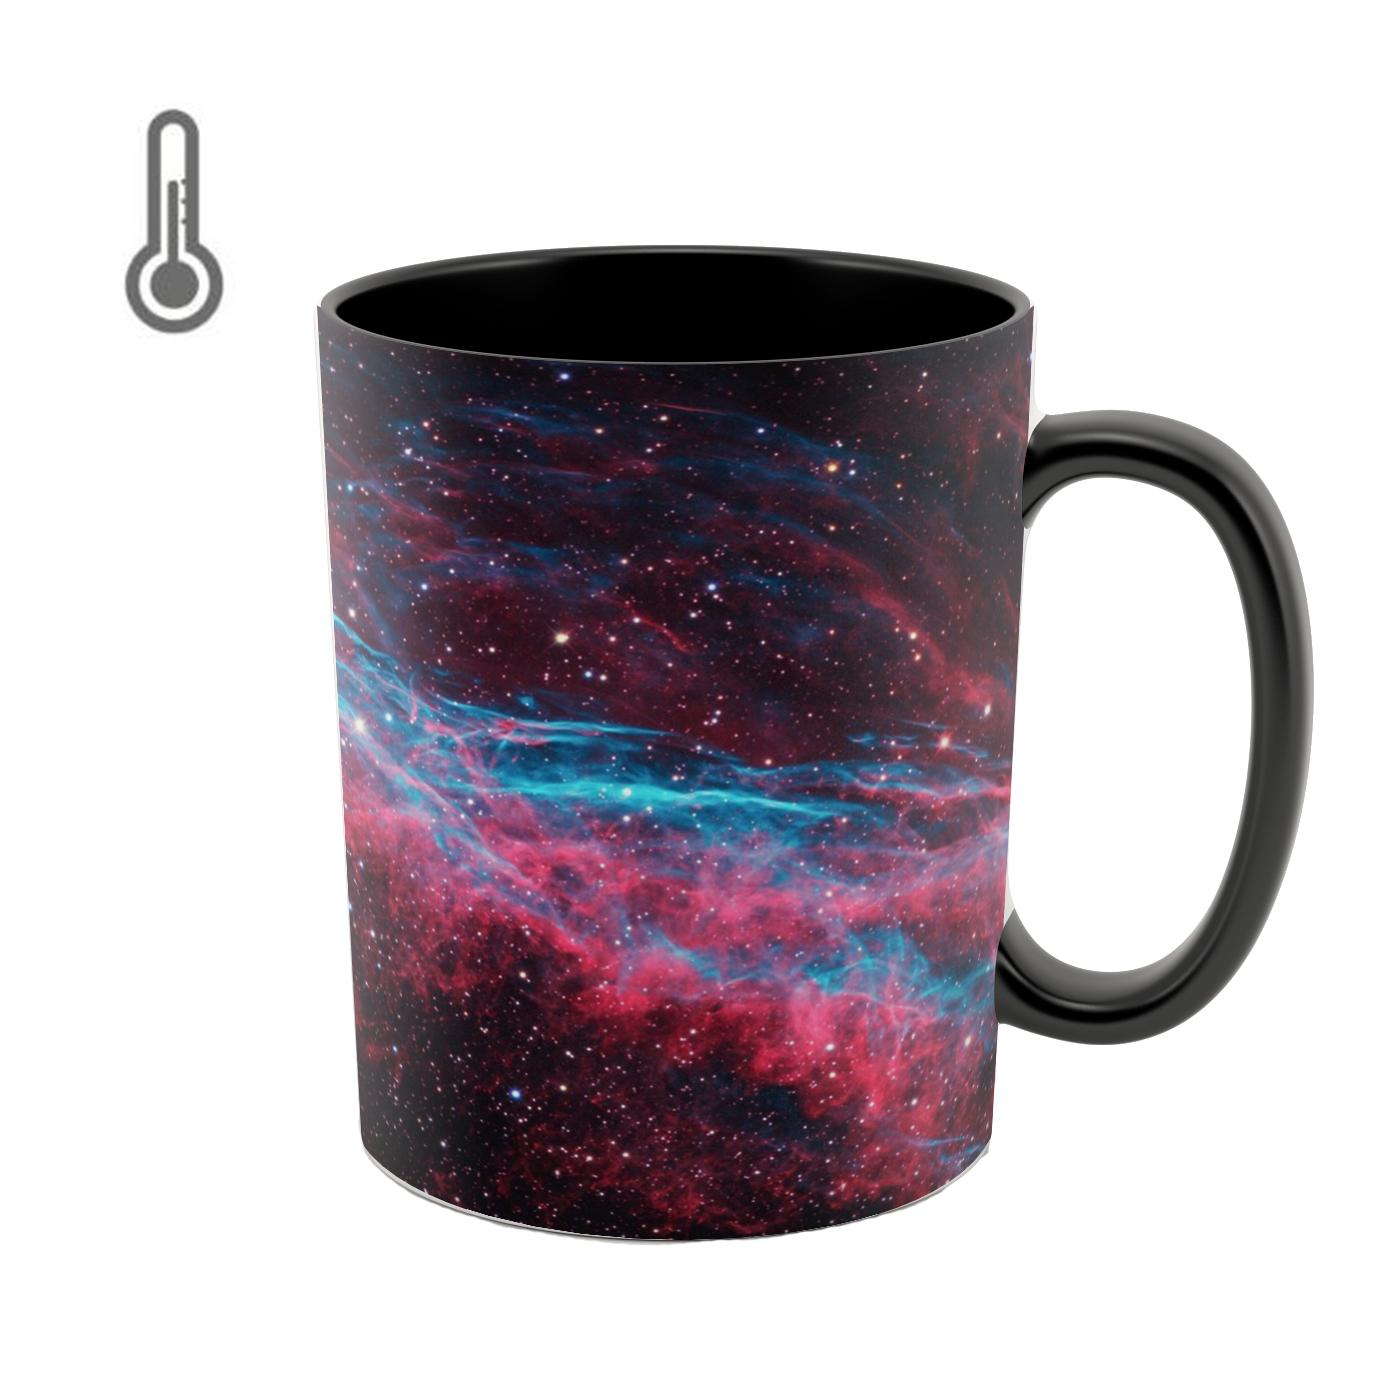 ماگ حرارتی مدل galaxy کد 01